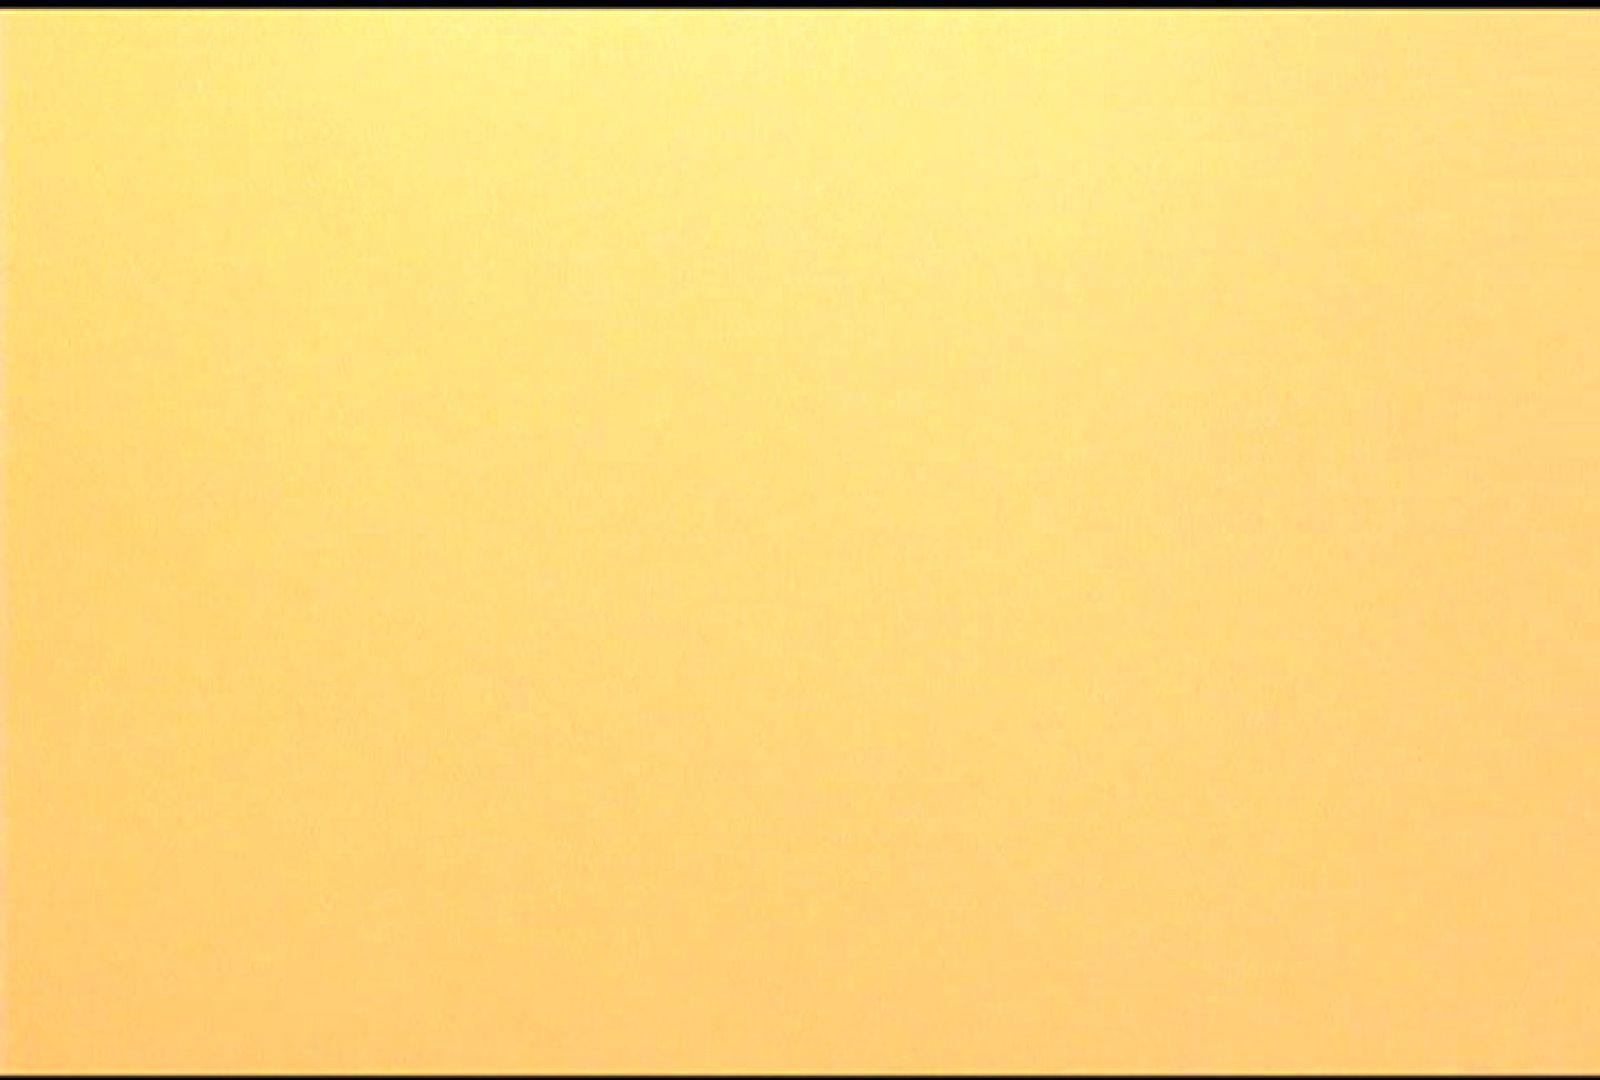 マンコ丸見え女子洗面所Vol.51 洗面所 のぞき動画画像 60連発 14